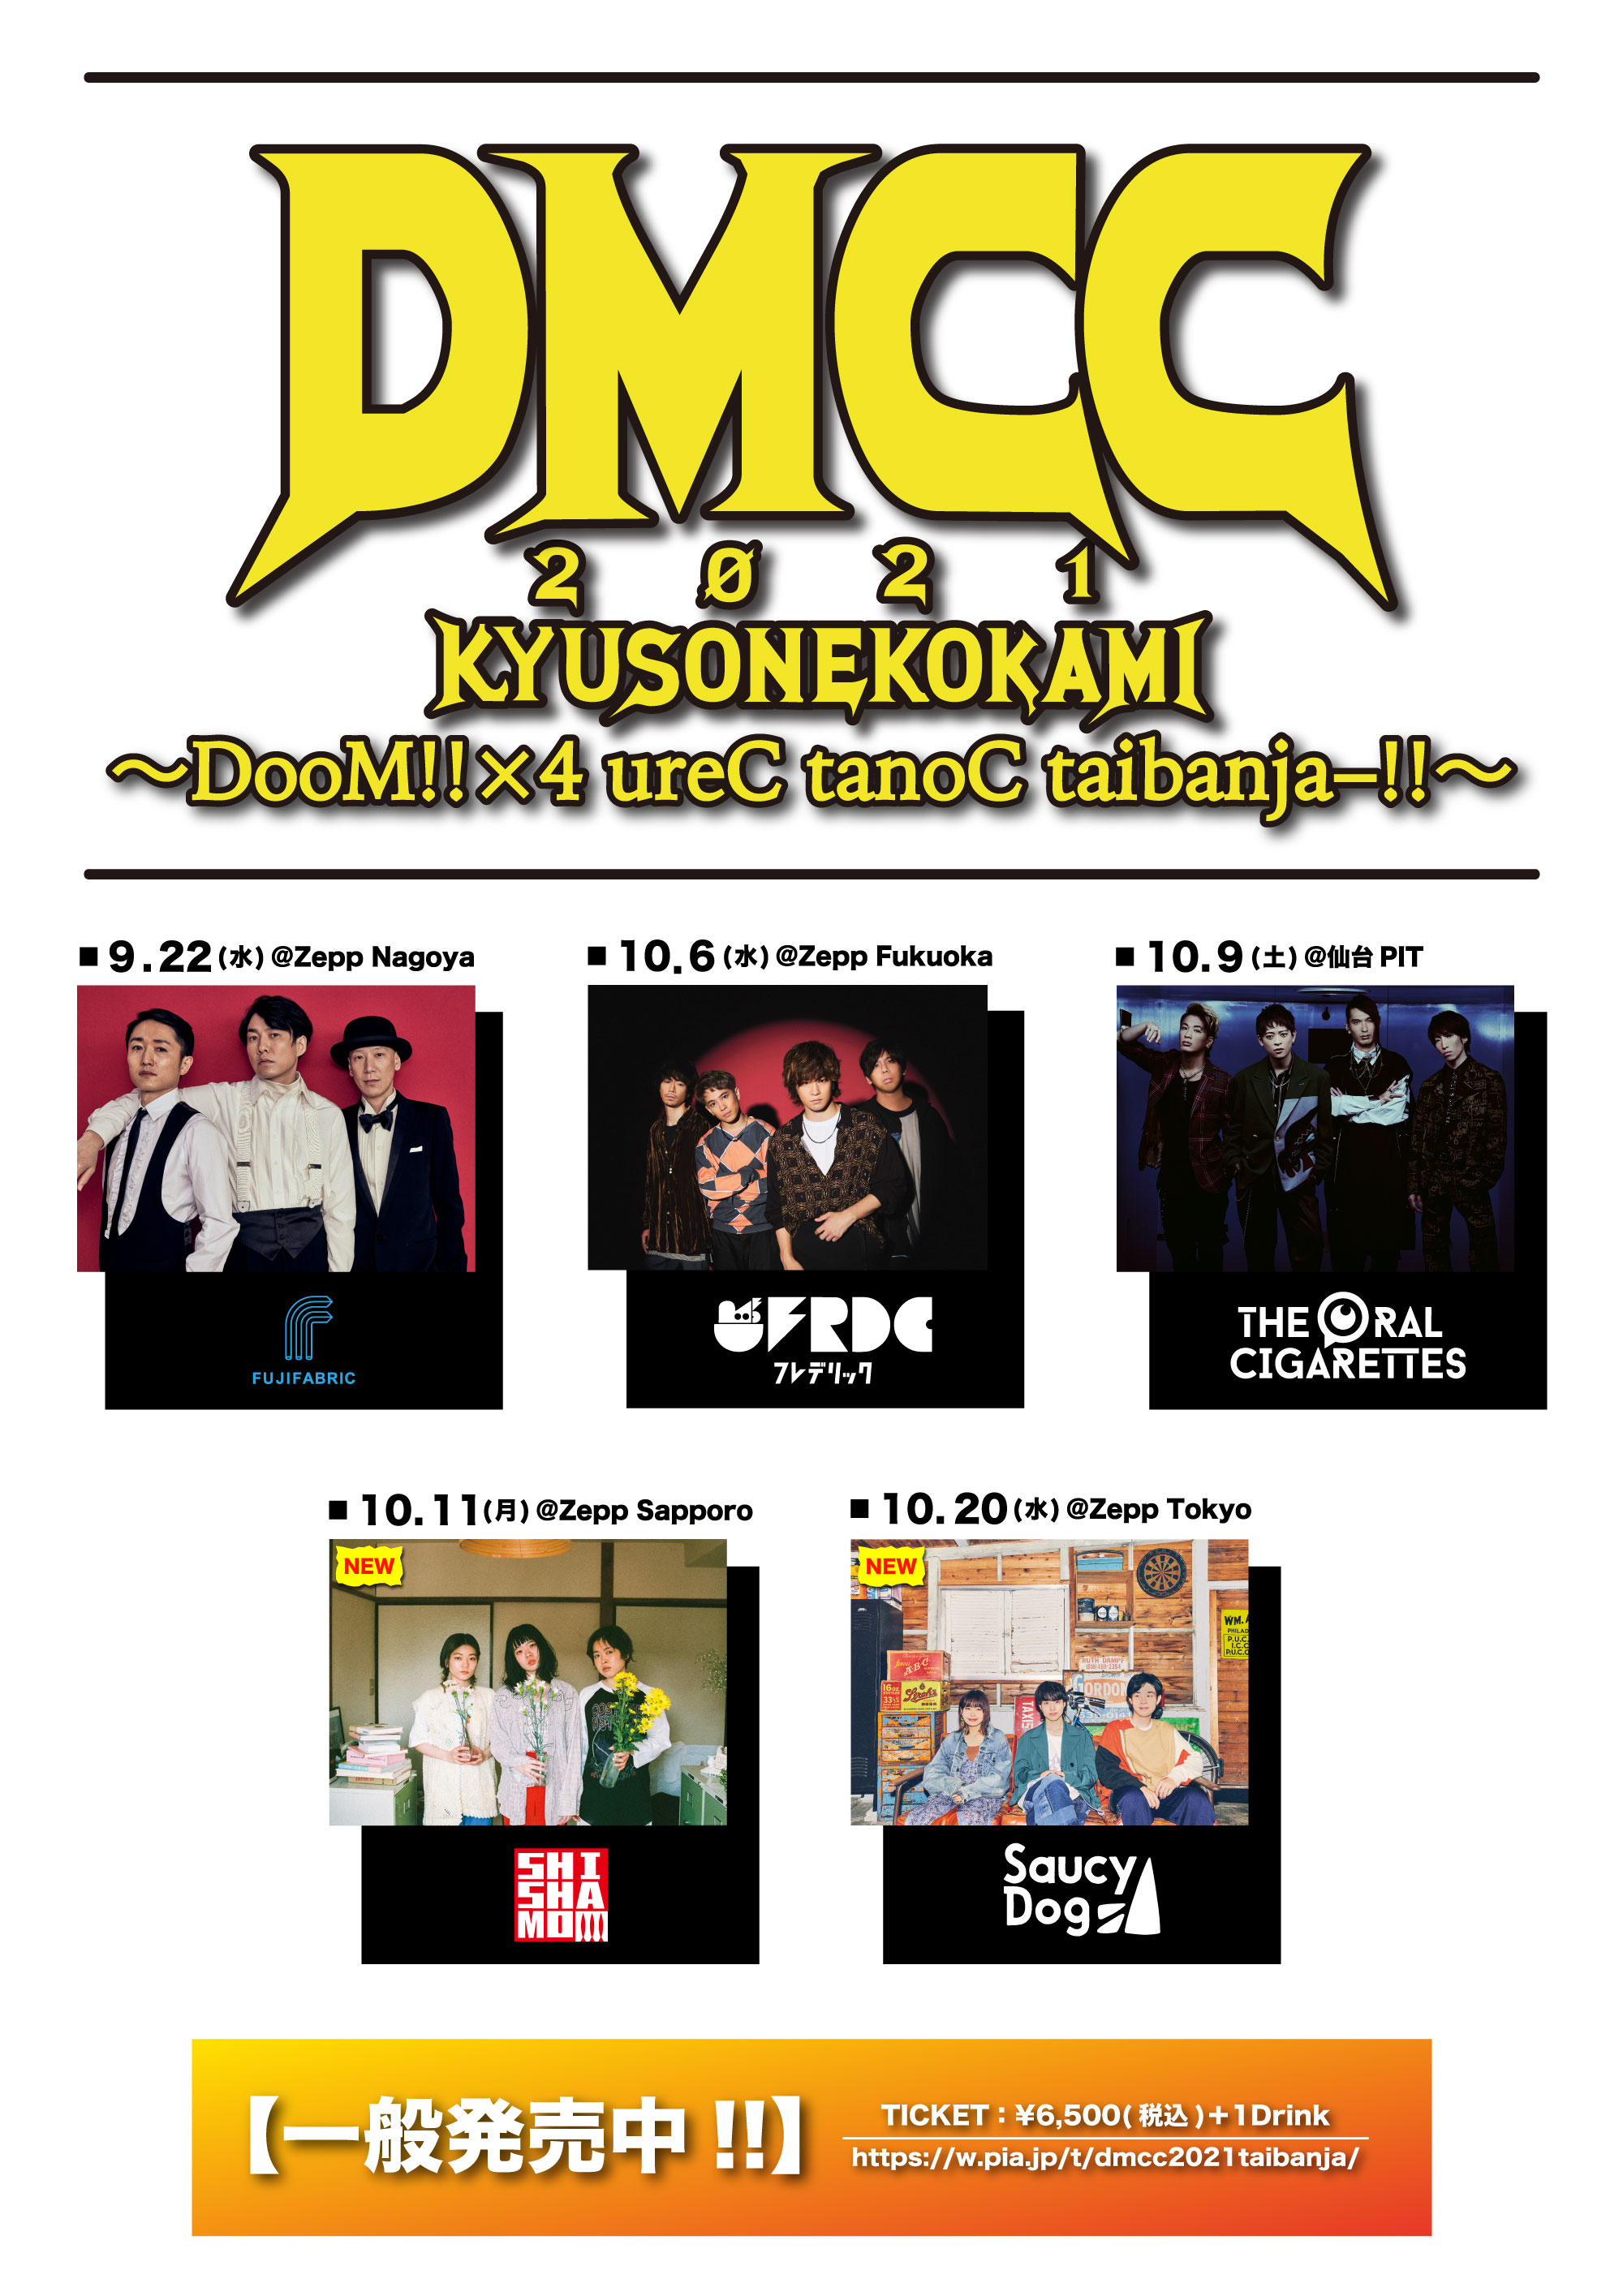 kt-DMCC2021秋-告知画像 (1)